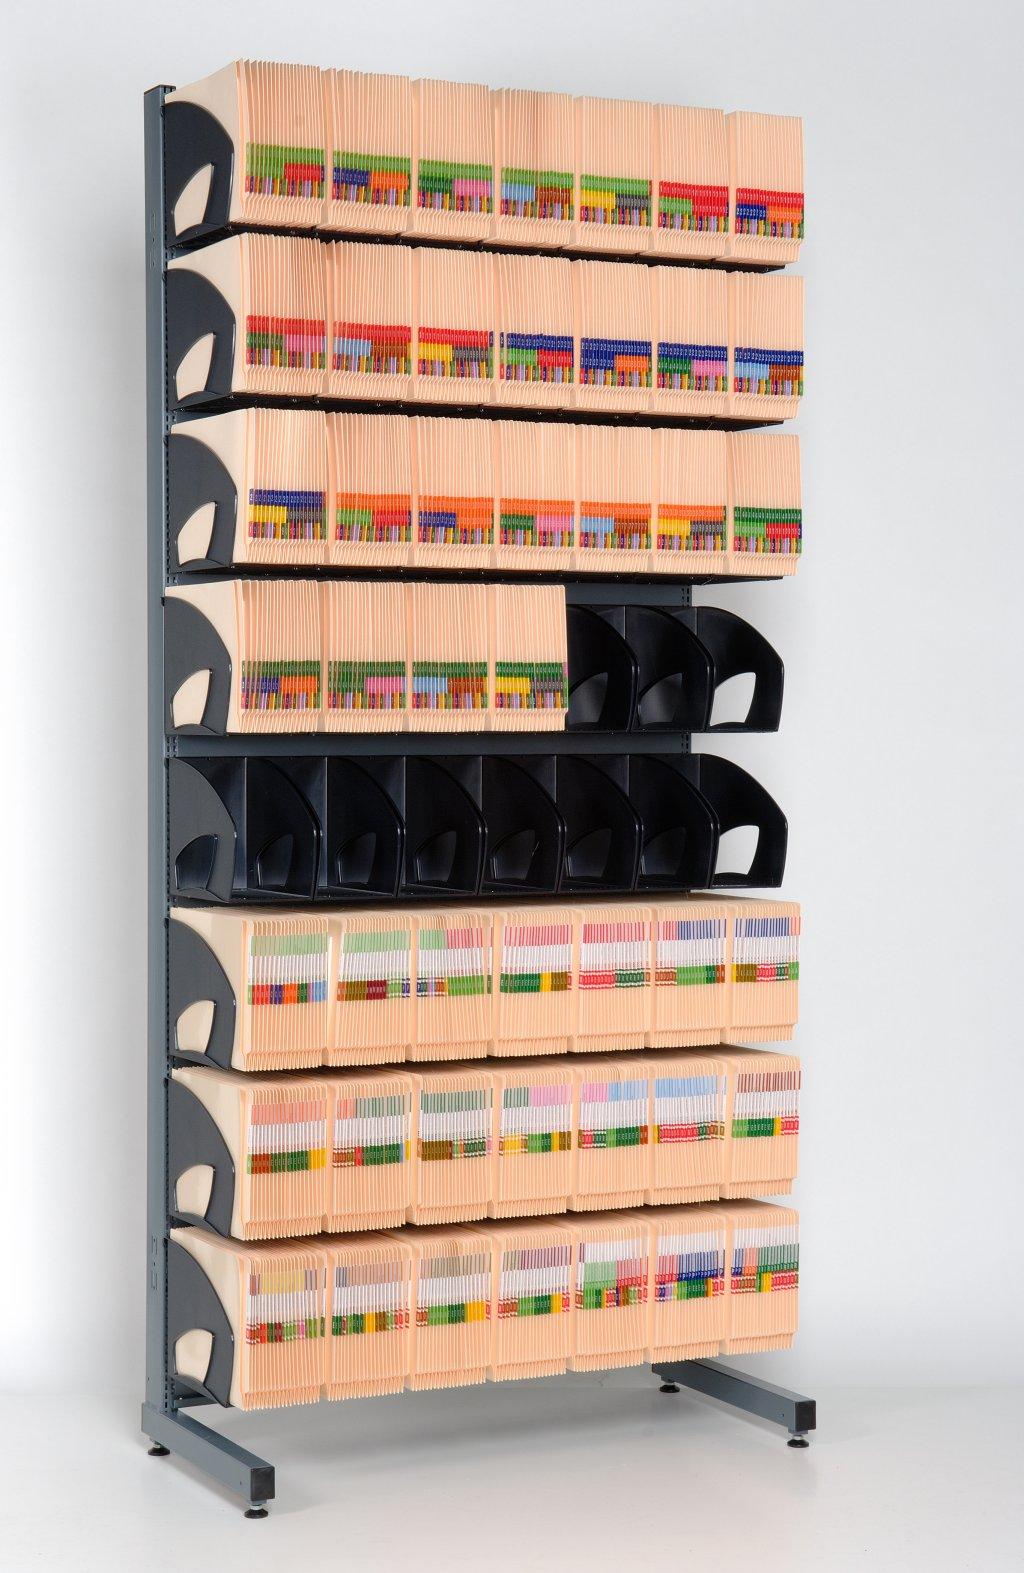 Orga-Rack archiefrek met 8 rijen Orga-Boxen binnen bereikbare hoogte